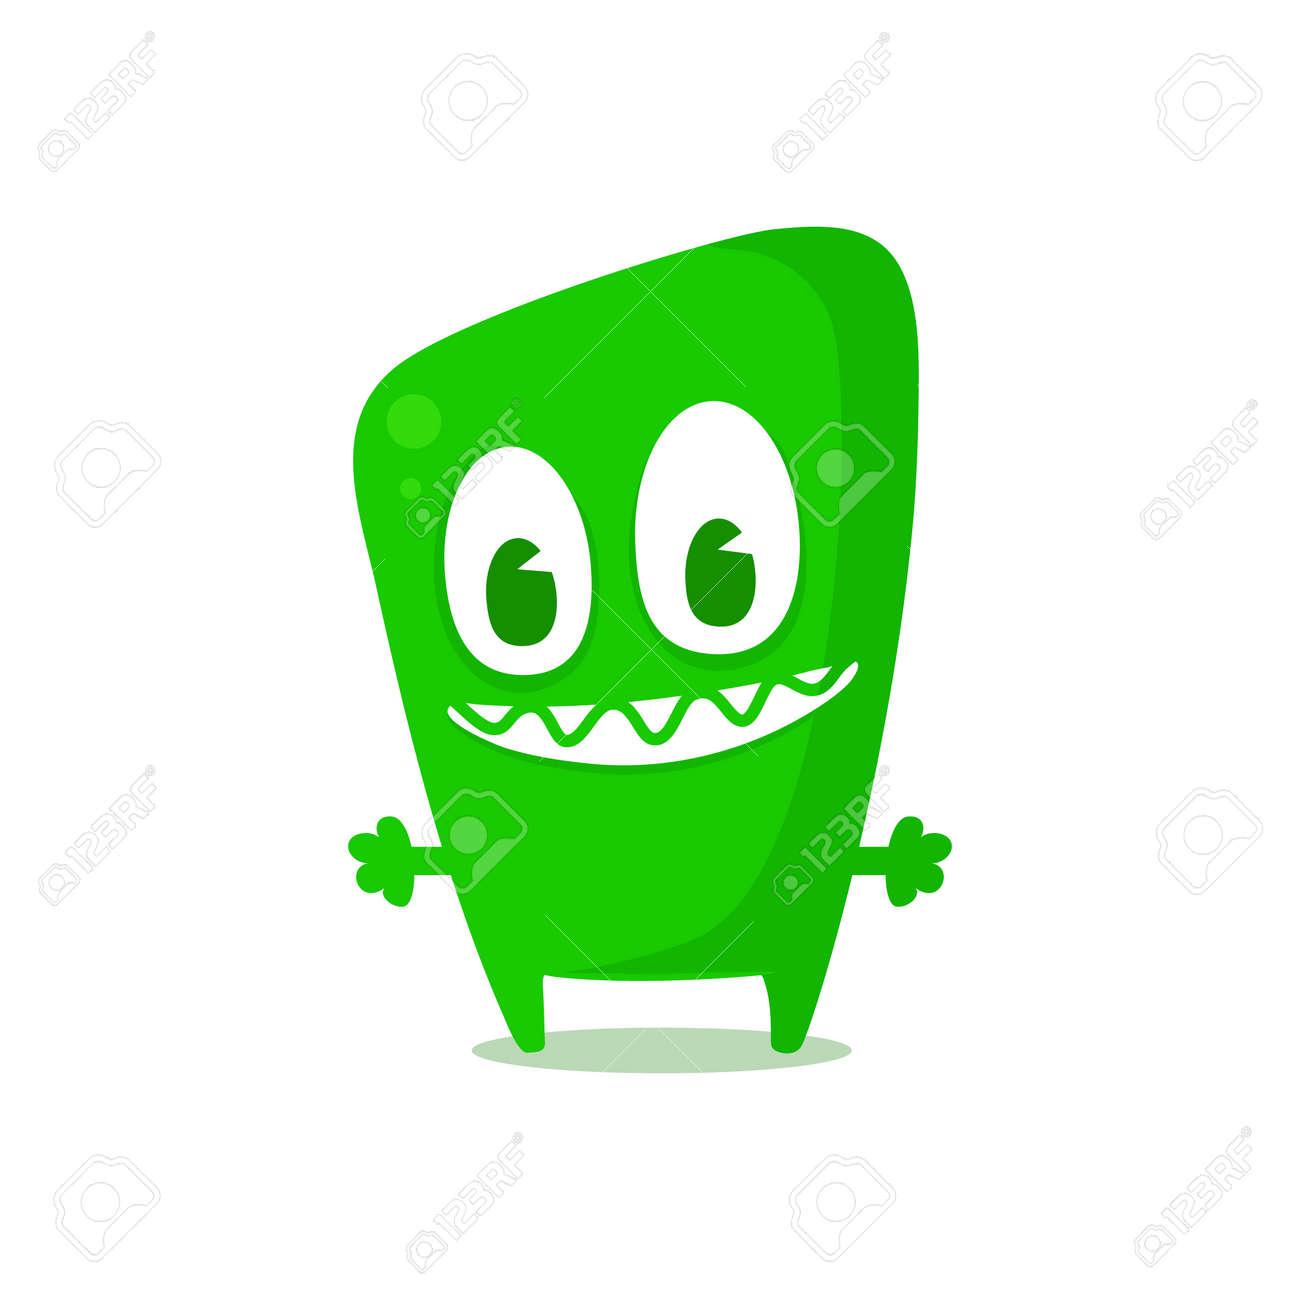 Happy green monster Stock Vector - 26933814